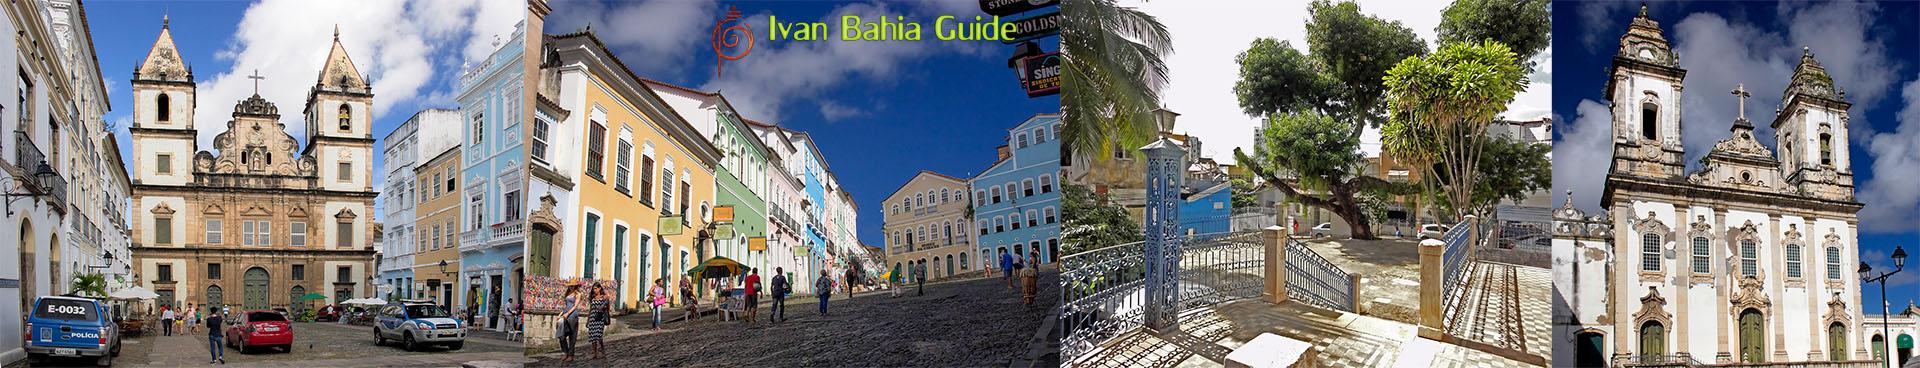 Ivan Bahia Guide, visitez le centre historique Pelourinho de Salvador da Bahia (première capitale du Brésil) culture, architecture et culinaire